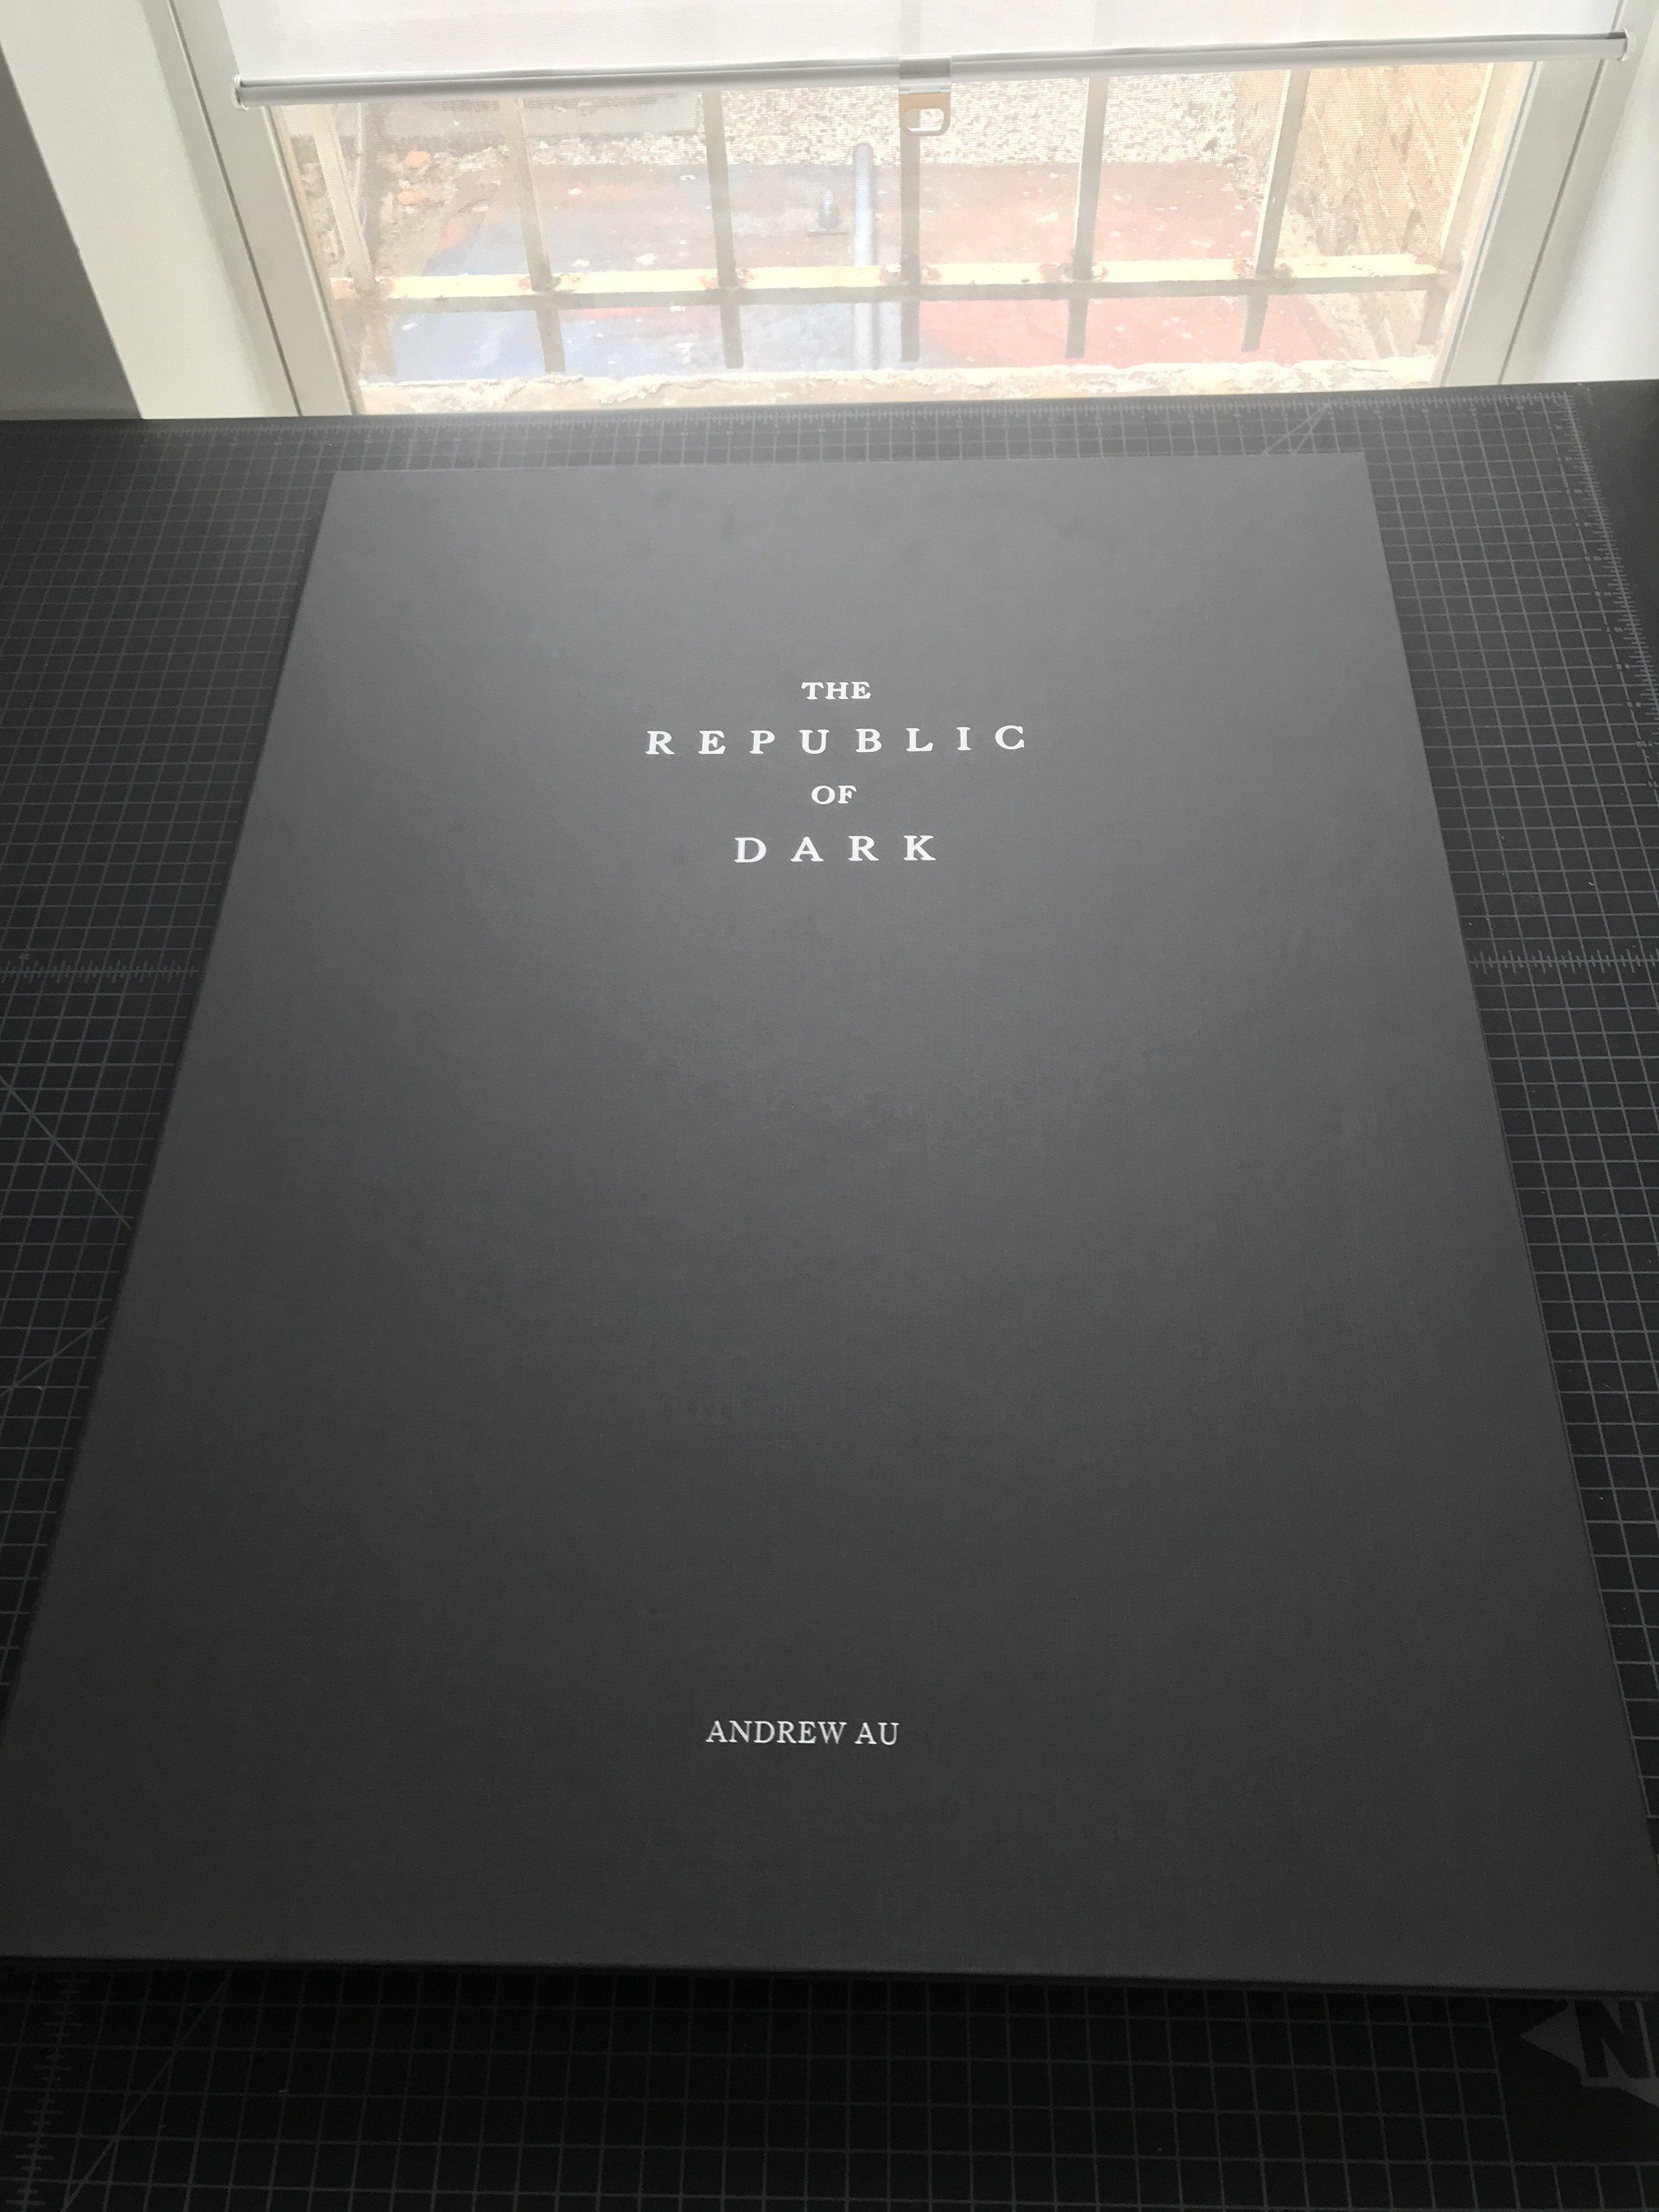 Republic of Dark Portfolio Box Exterior